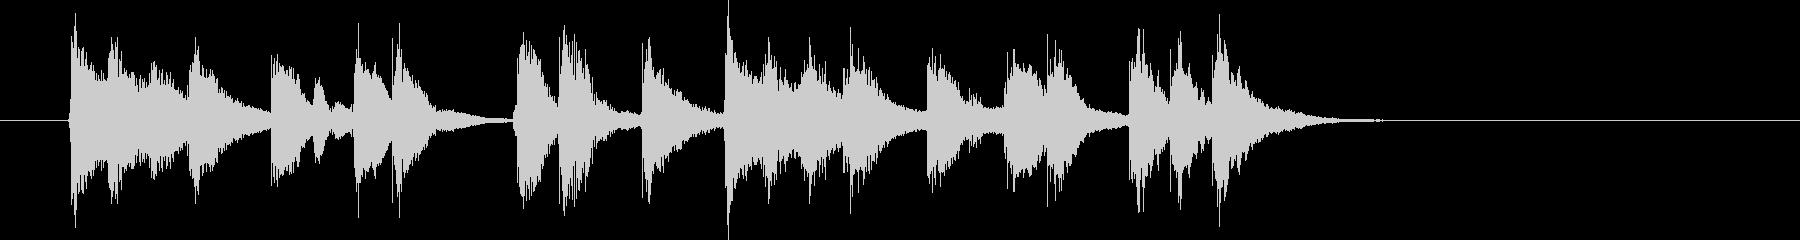 転換SEマンボかわいらしいラテンJAZZの未再生の波形